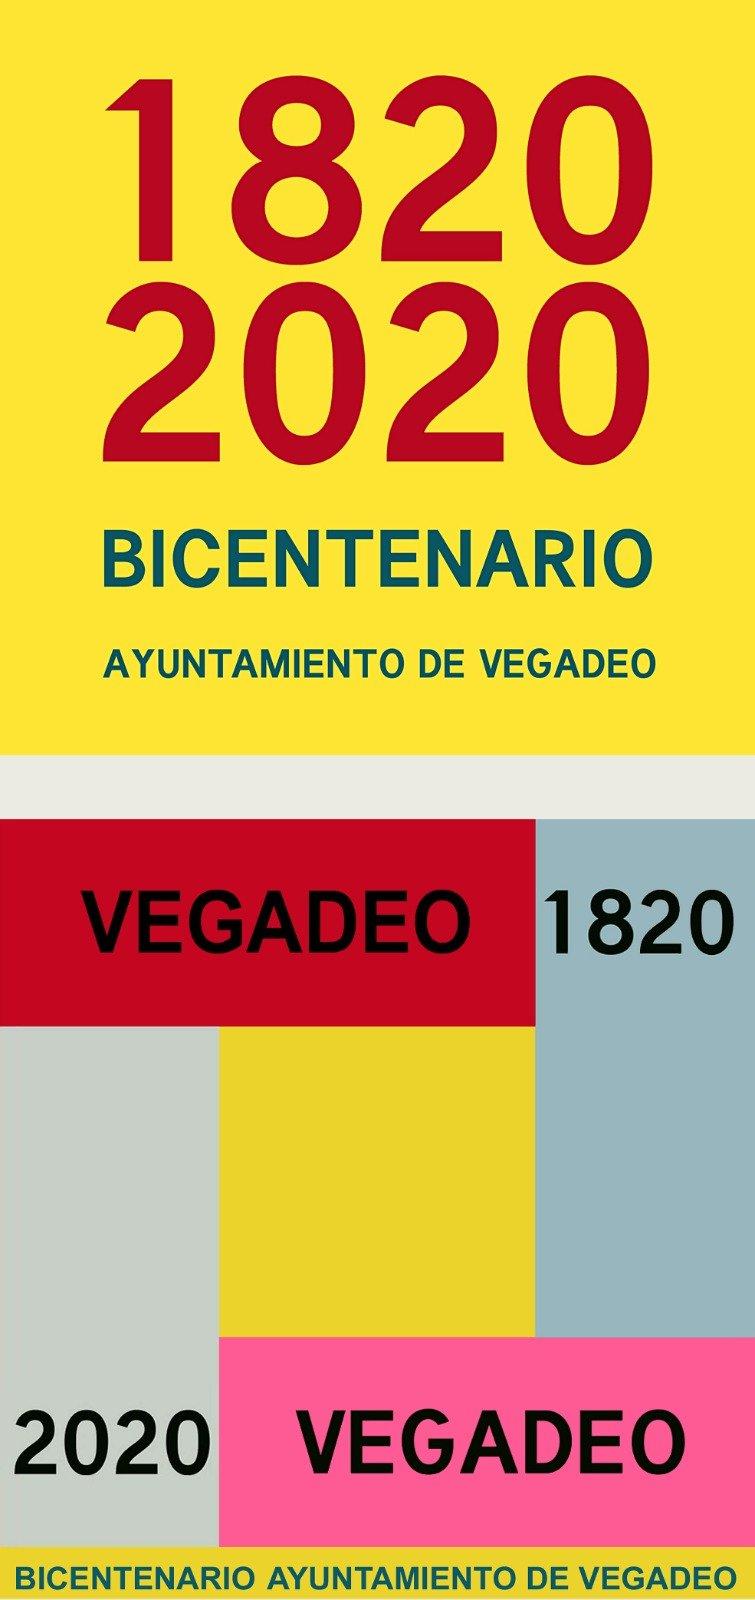 Vegadeo inaugura el alumbrado navideño y ultima la conmemoración de su Bicentenario